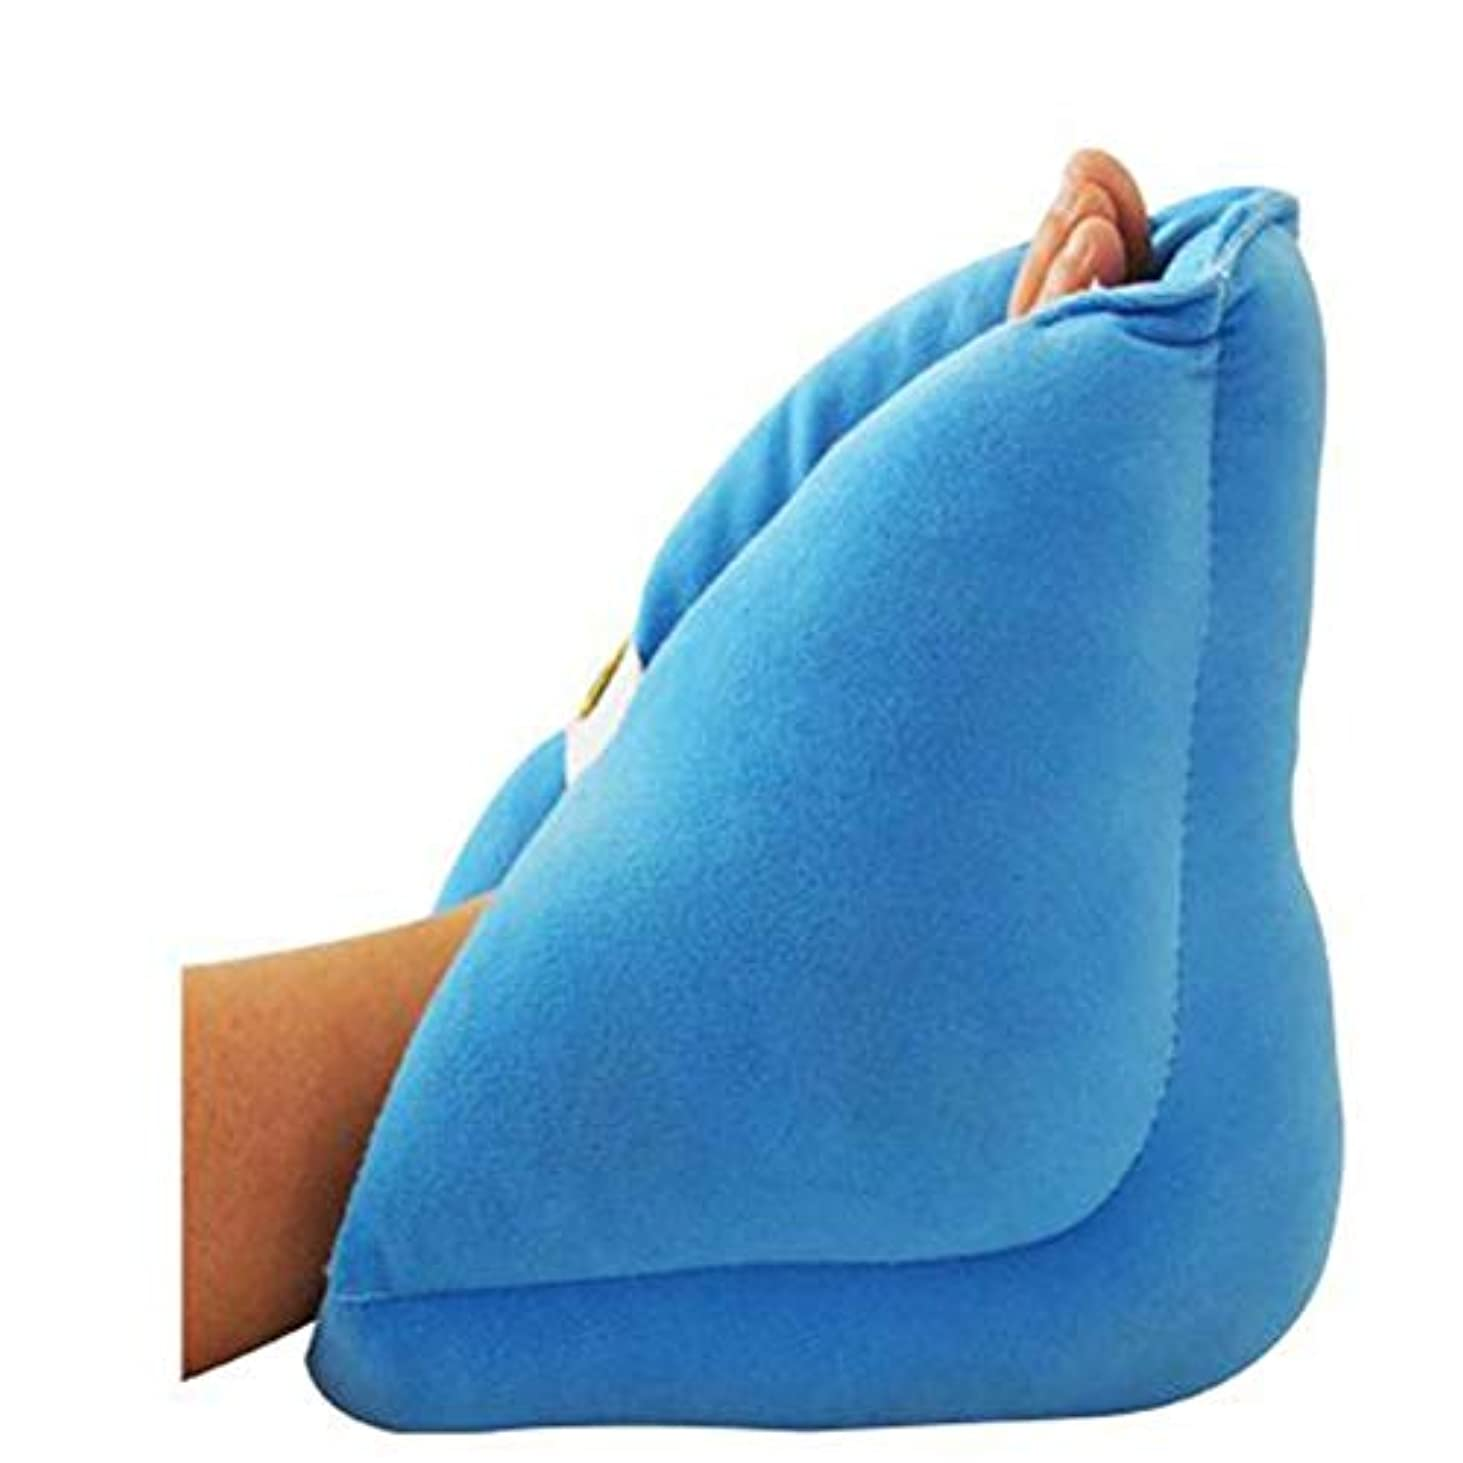 快適踊り子不快なかかとプロテクター枕抗褥瘡??踵保護パッド、抗褥瘡踵パッド寝たきり患者ケア肥厚